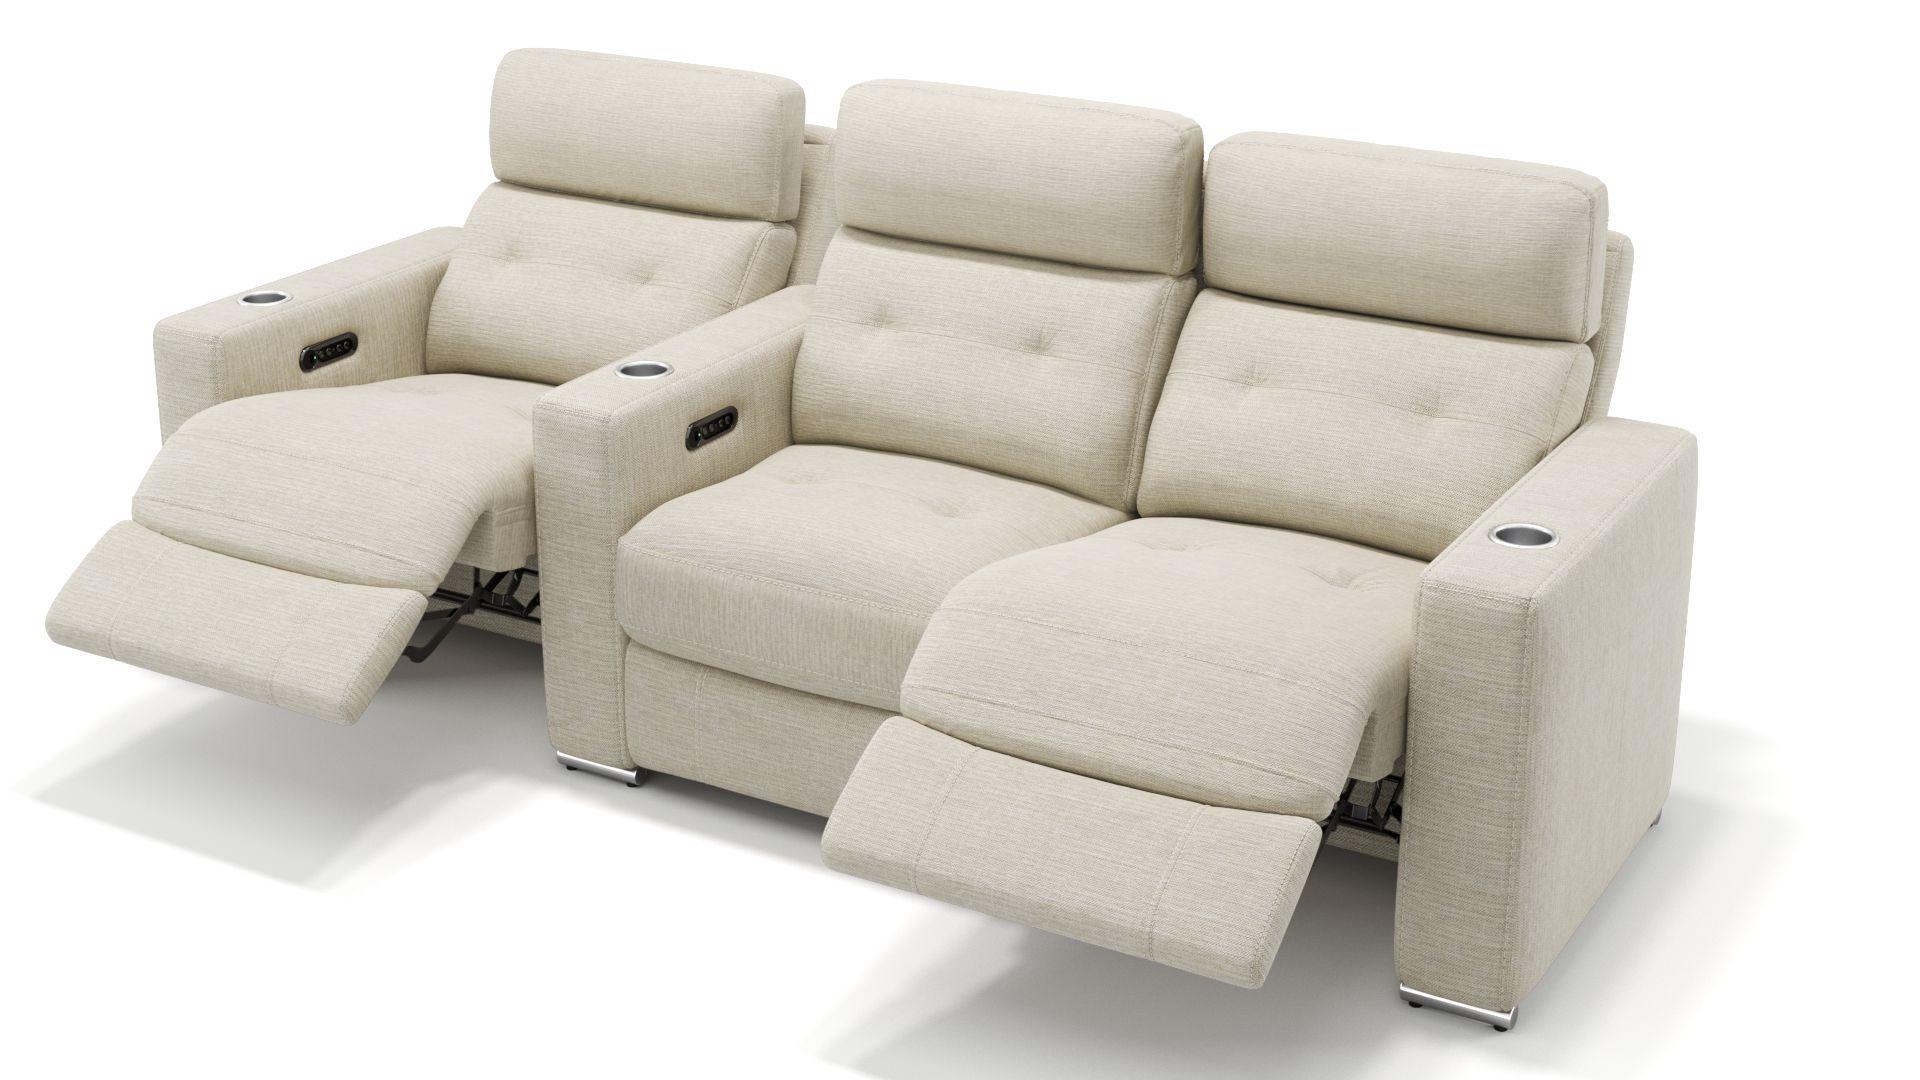 Stoff 3-Sitzer Kinosofa mit einer Mittelkonsole MATERA